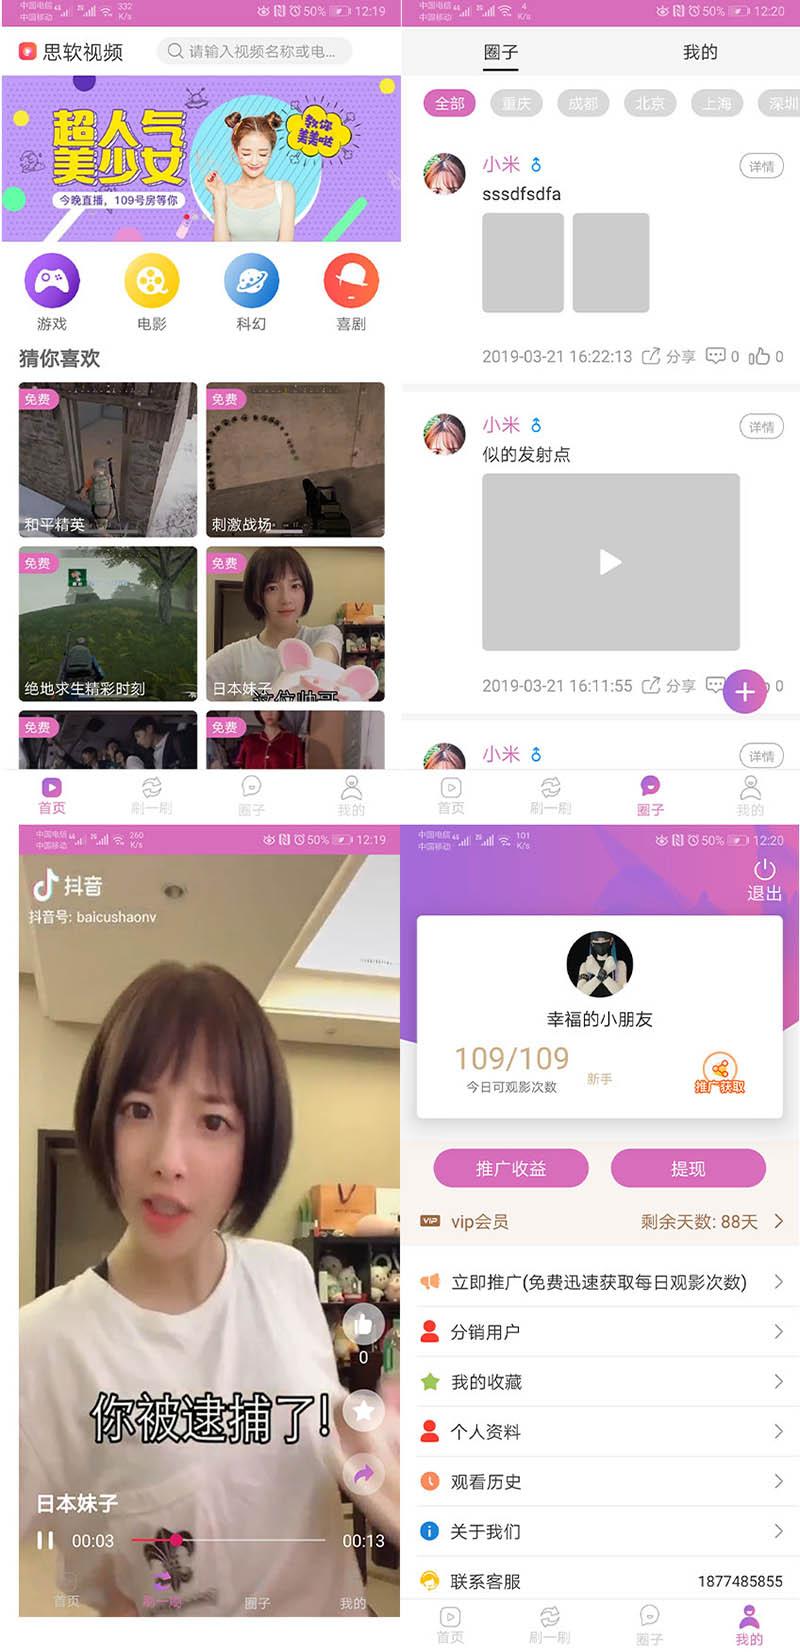 双端视频盒子app源码-夜播app影视频源码 安卓+ios+后台+数据-图2